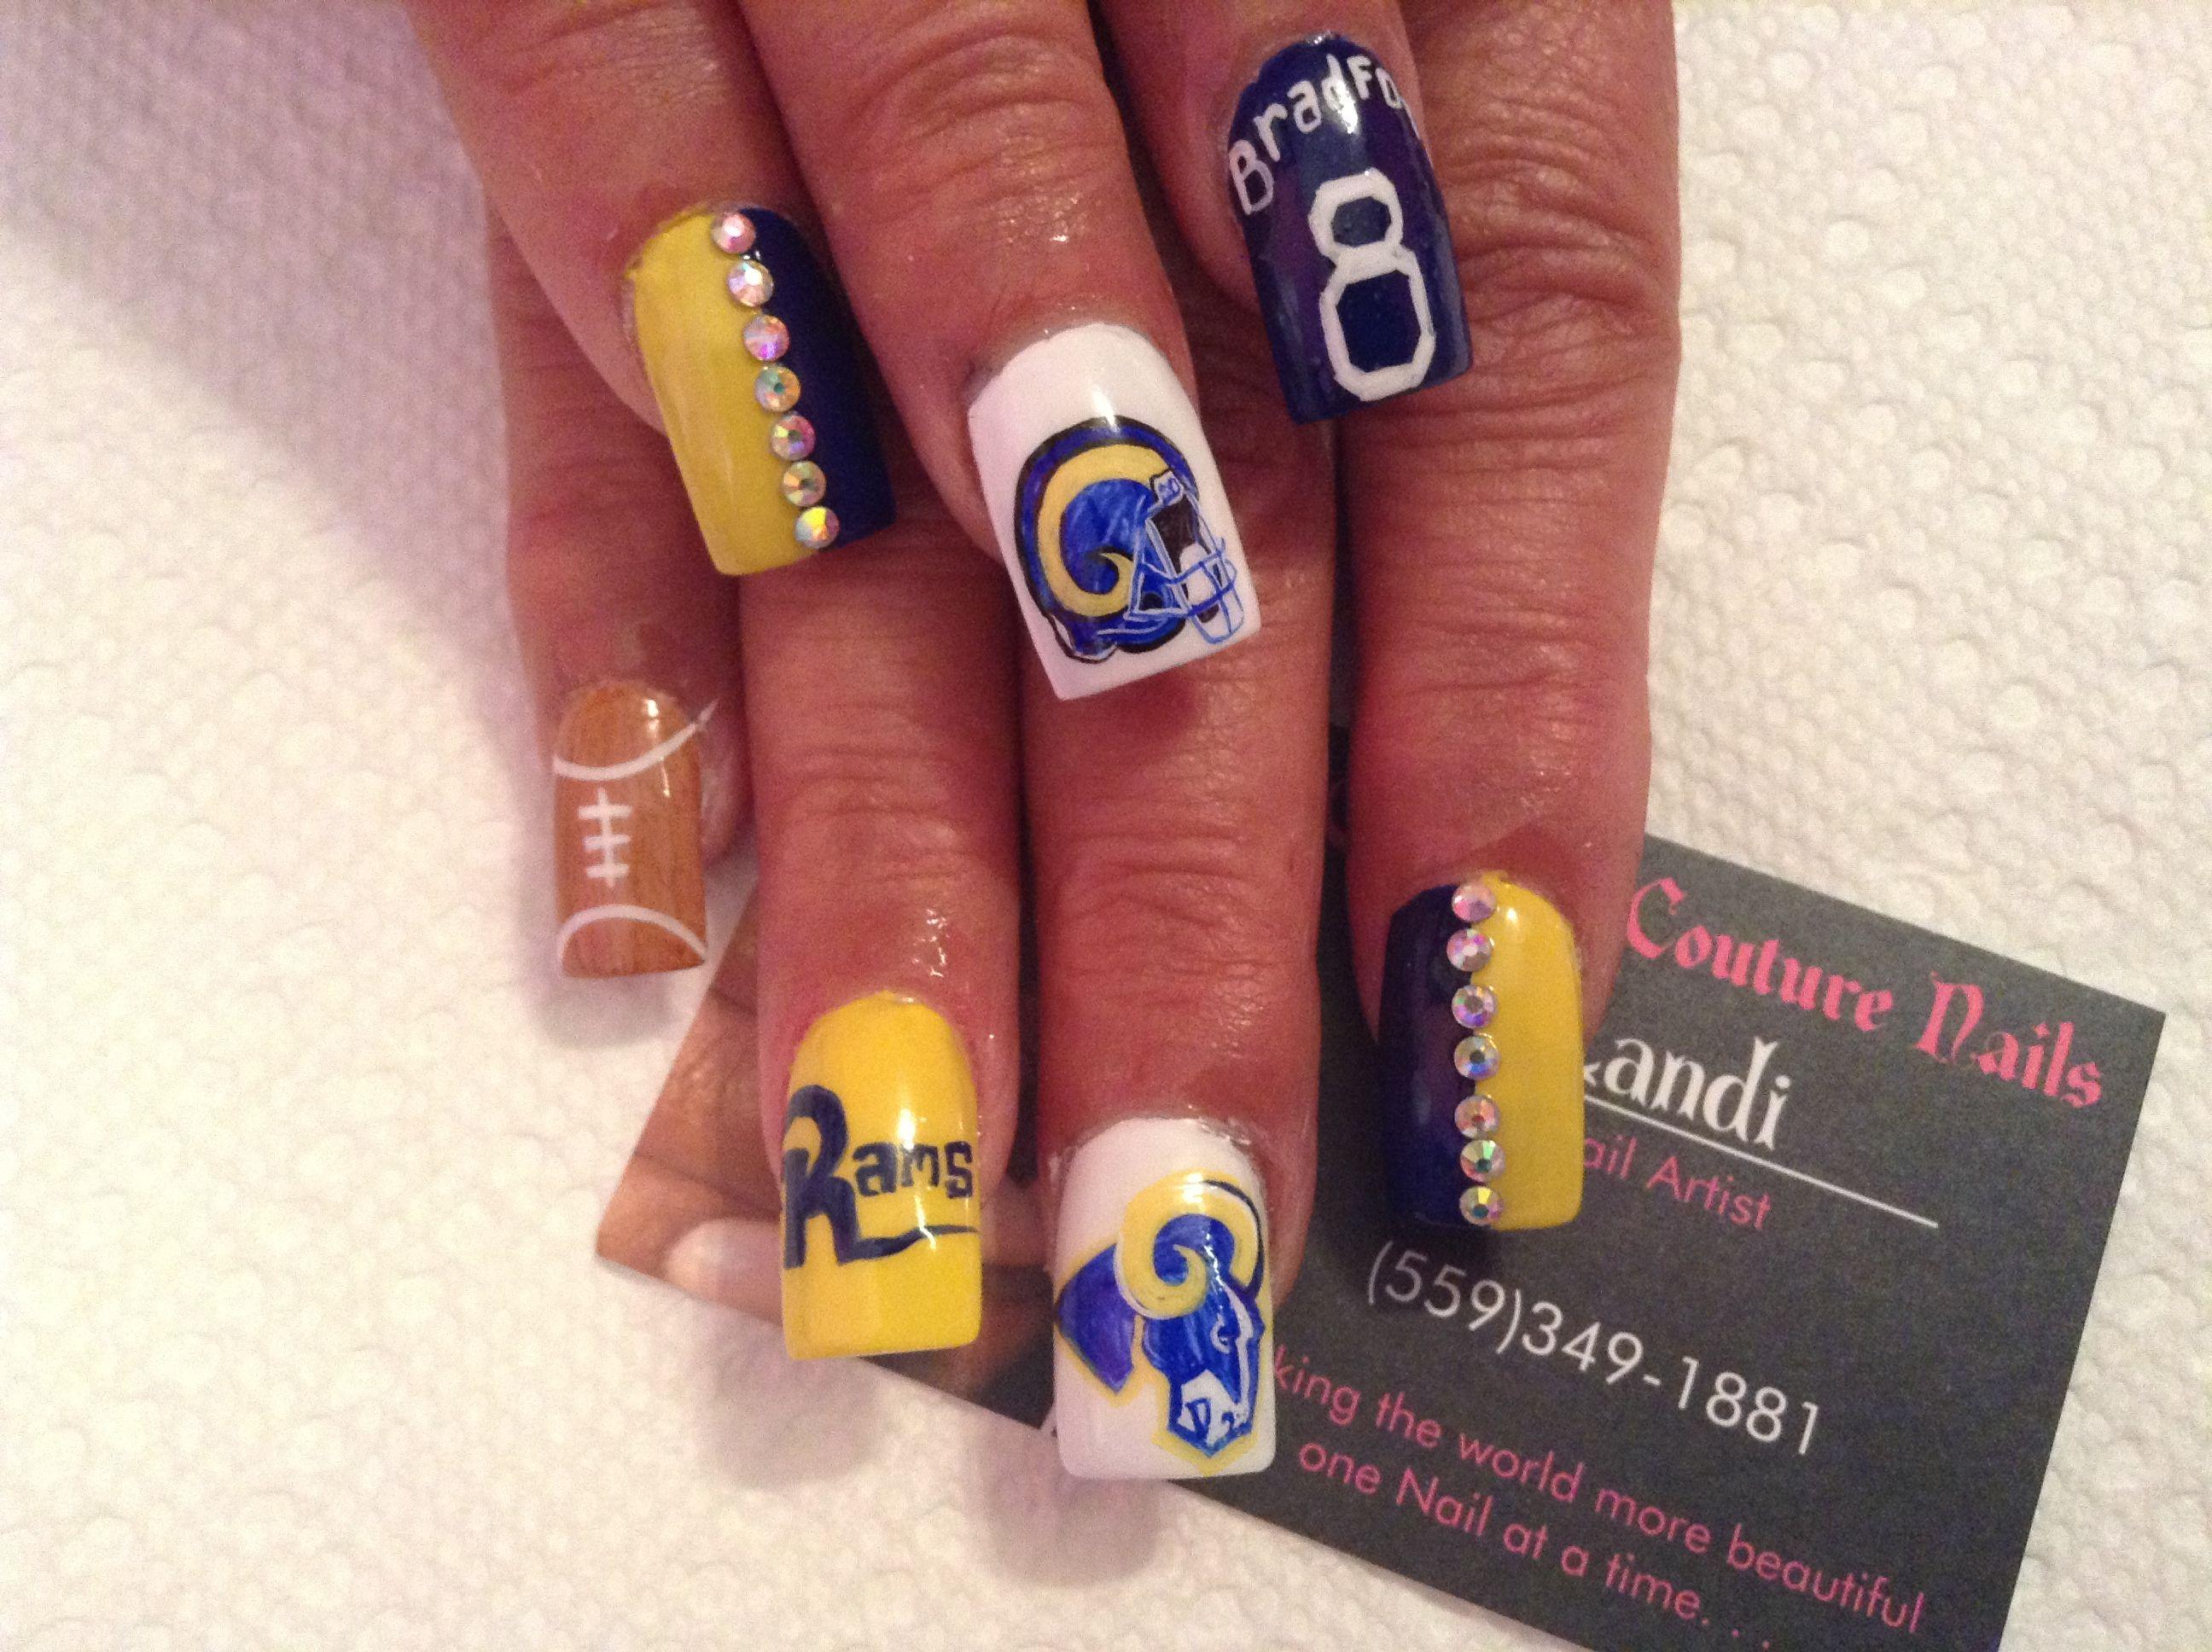 Pin By Landi Nails On Landi Nails Football Nail Designs Football Nails Sports Nails